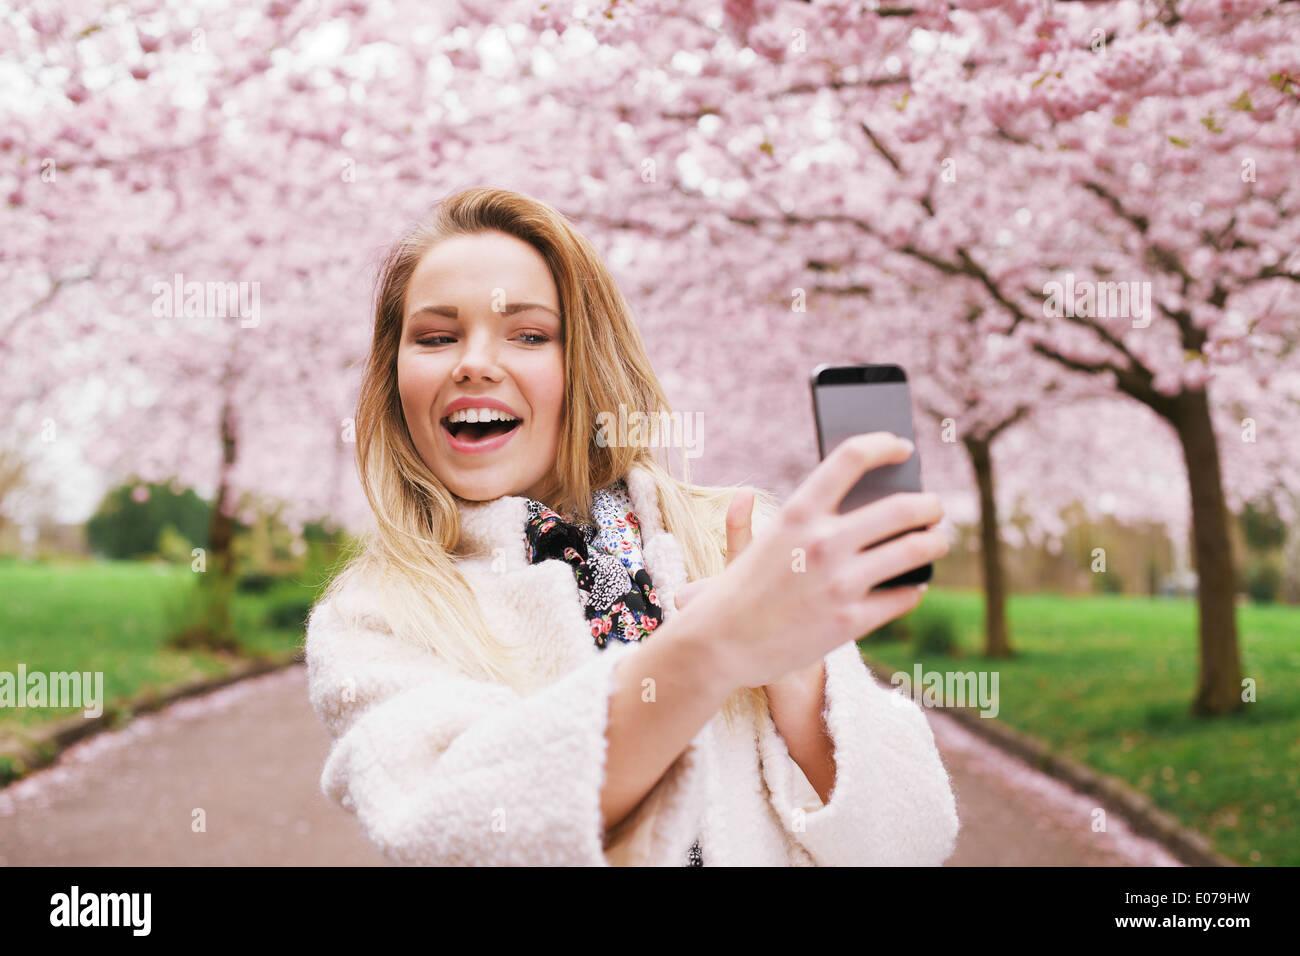 Felice Giovane Donna Fotografa se stessa utilizzando il suo telefono cellulare. Femmina caucasica selfie parlando con il suo smart phone al parco. Immagini Stock